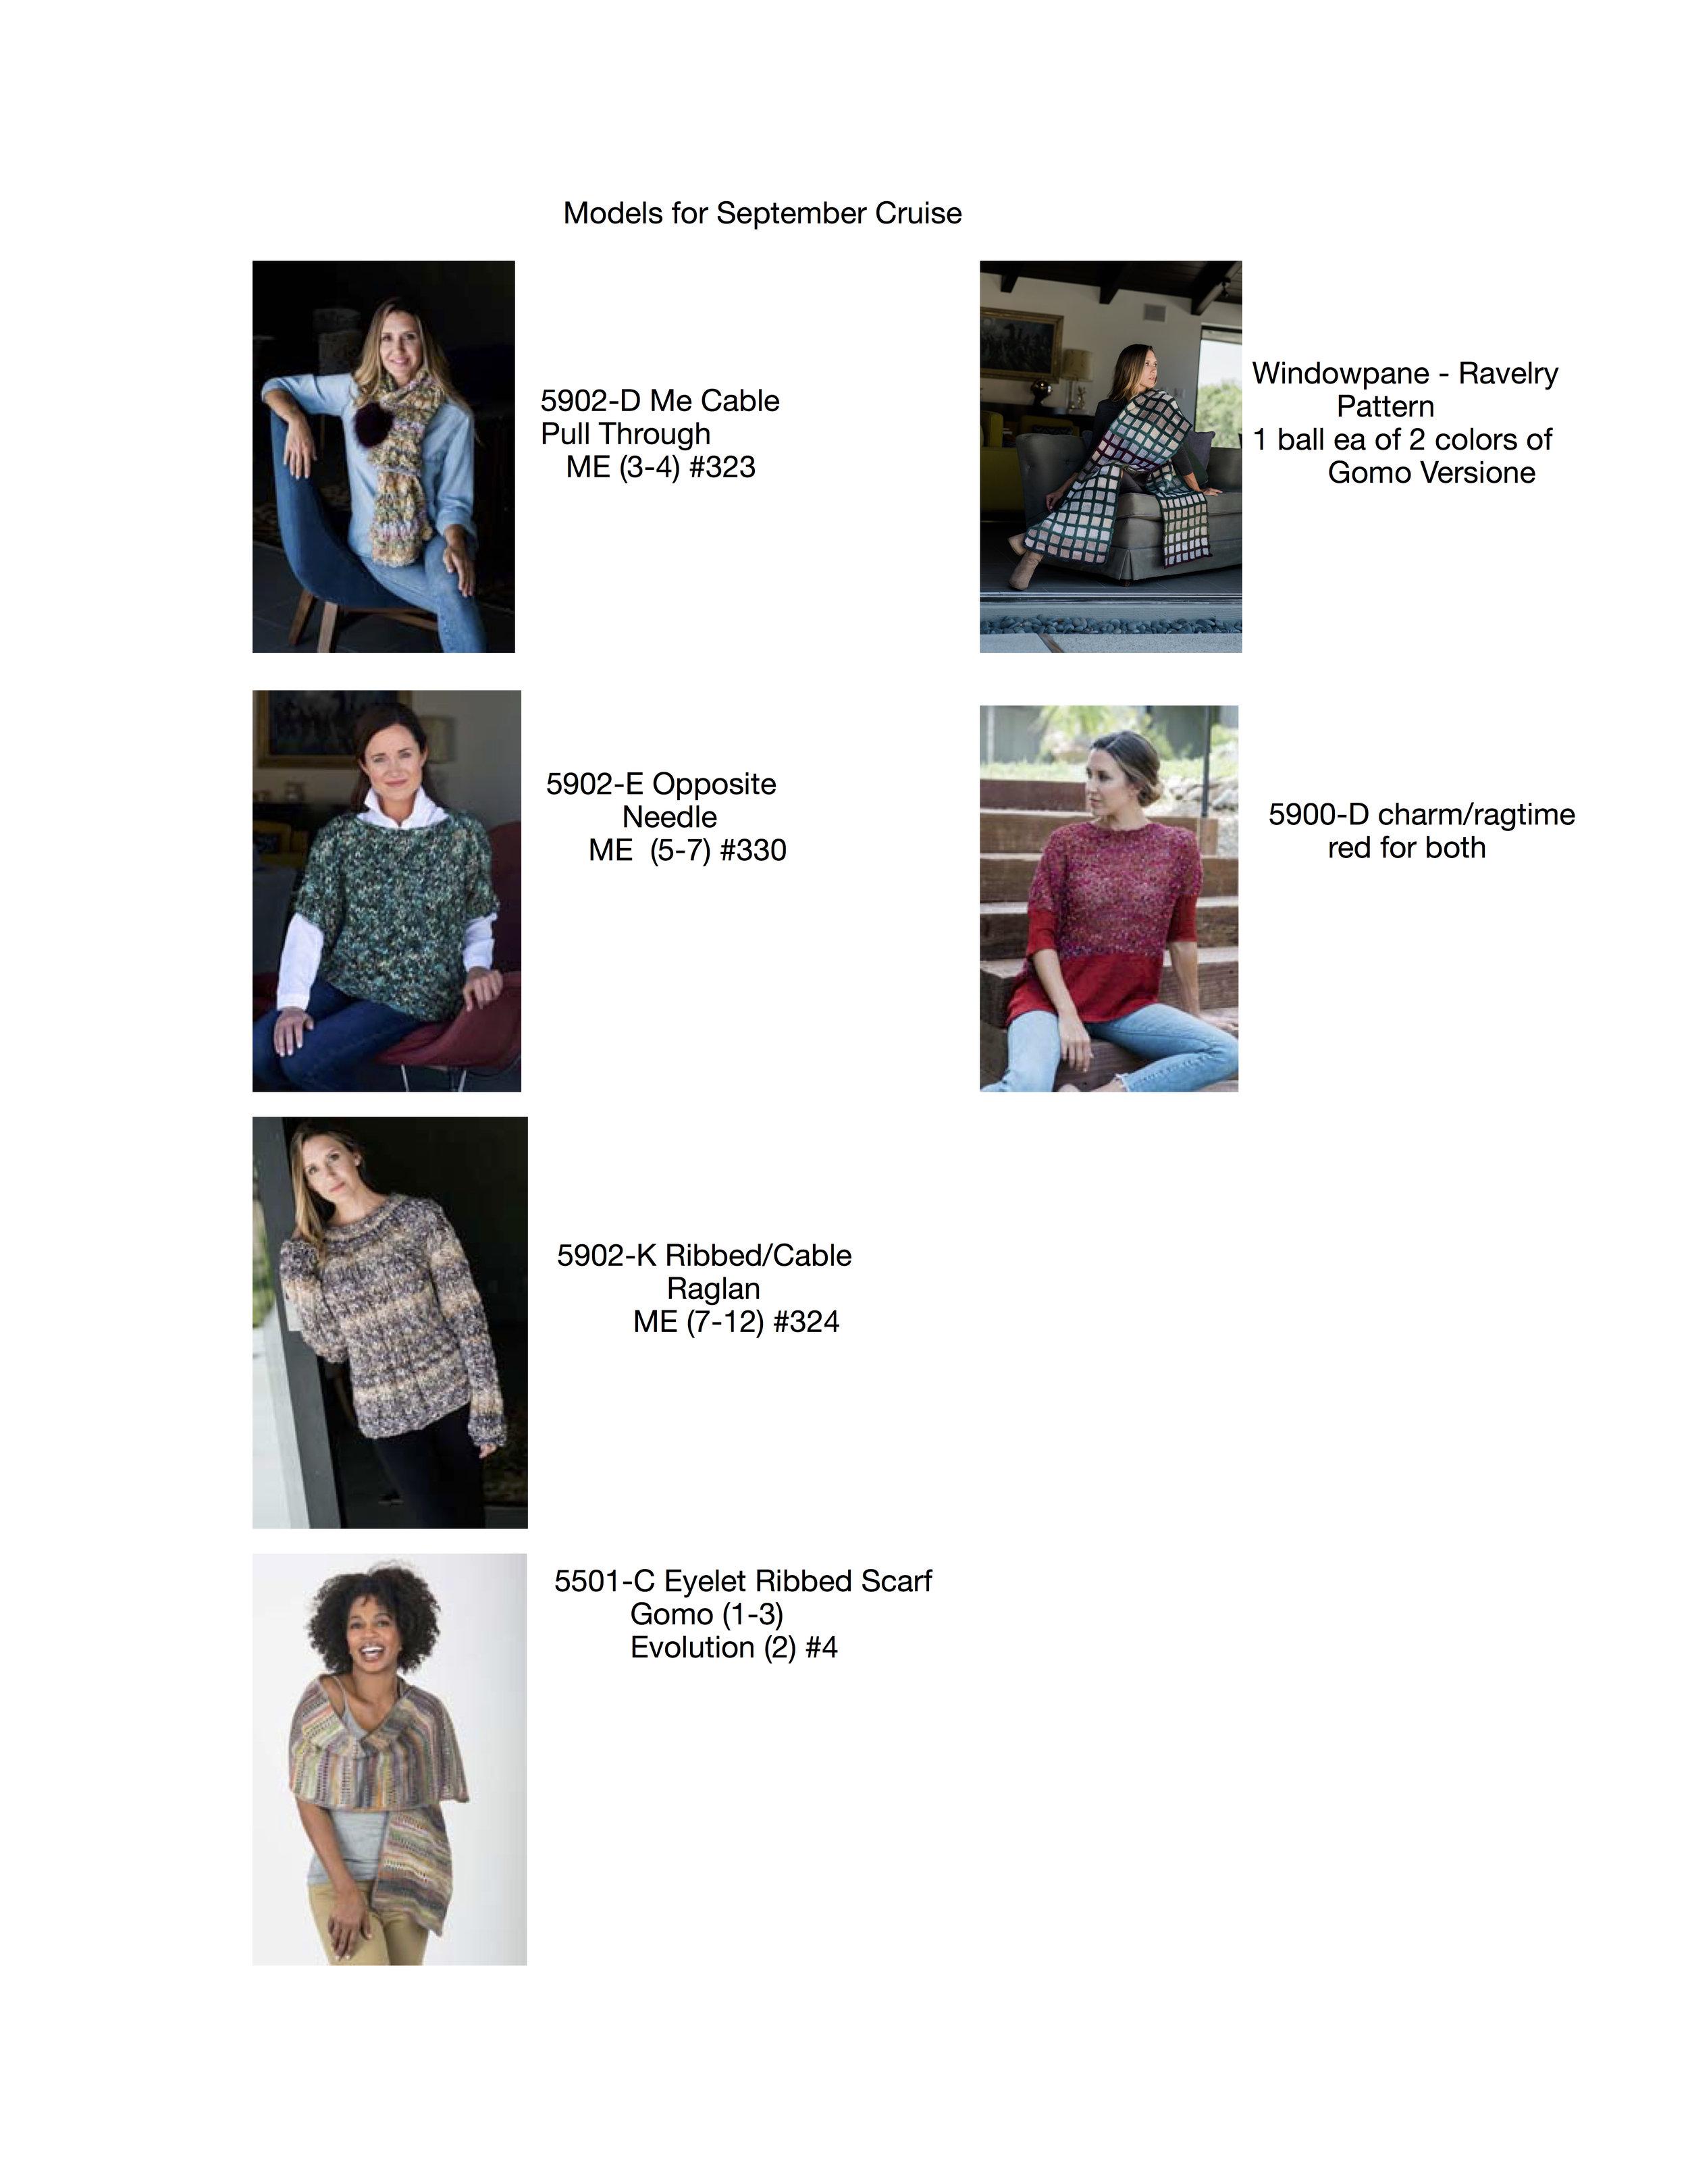 Models for September Cruise  #2.jpg